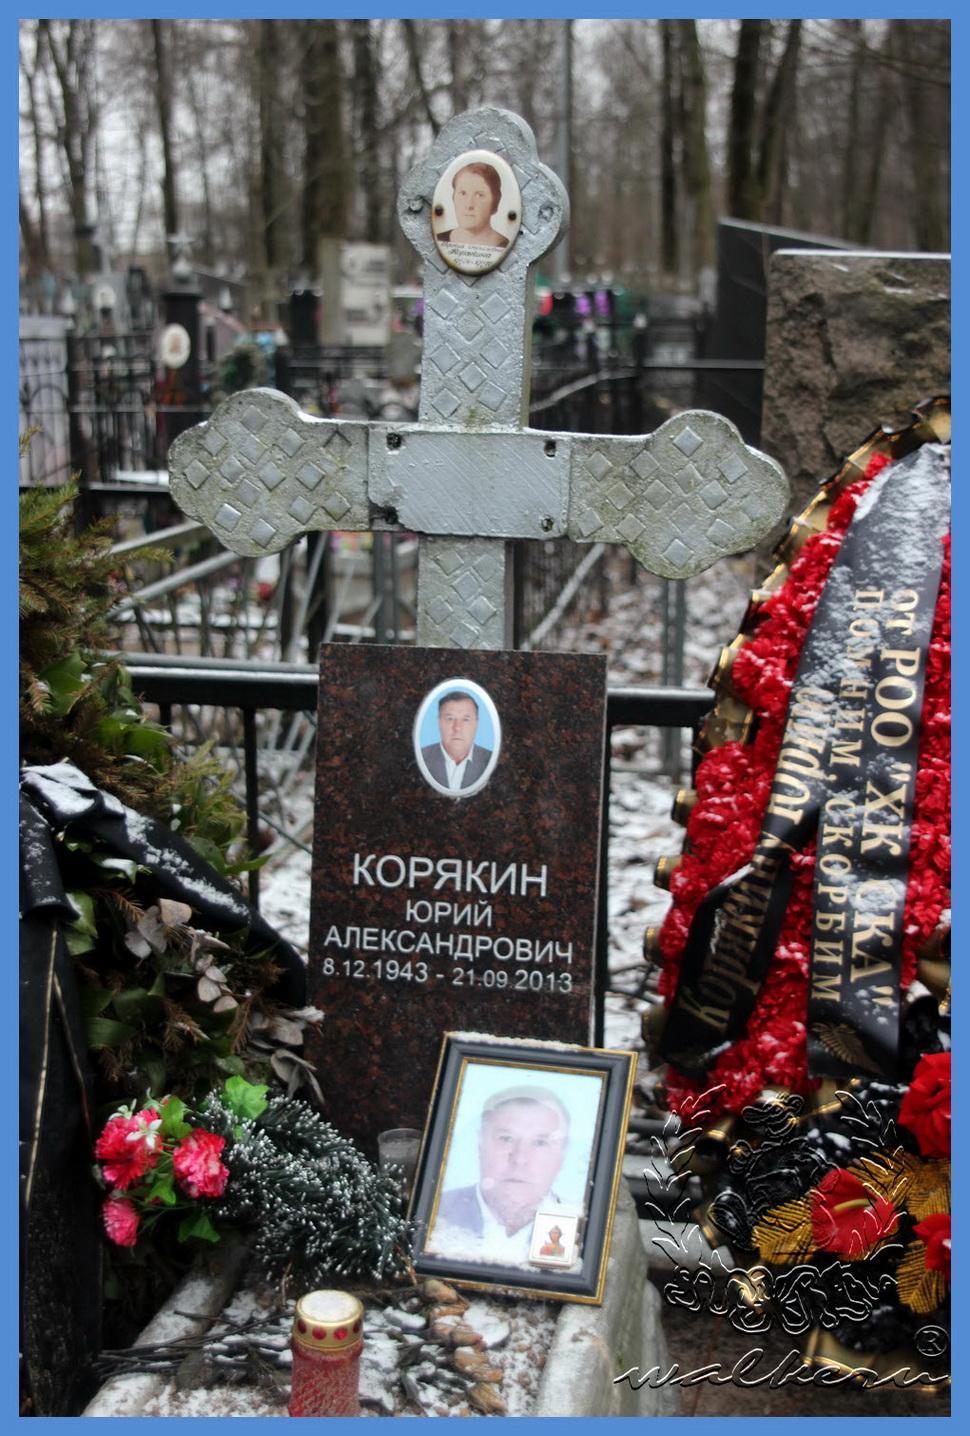 Корякин Юрий Александрович